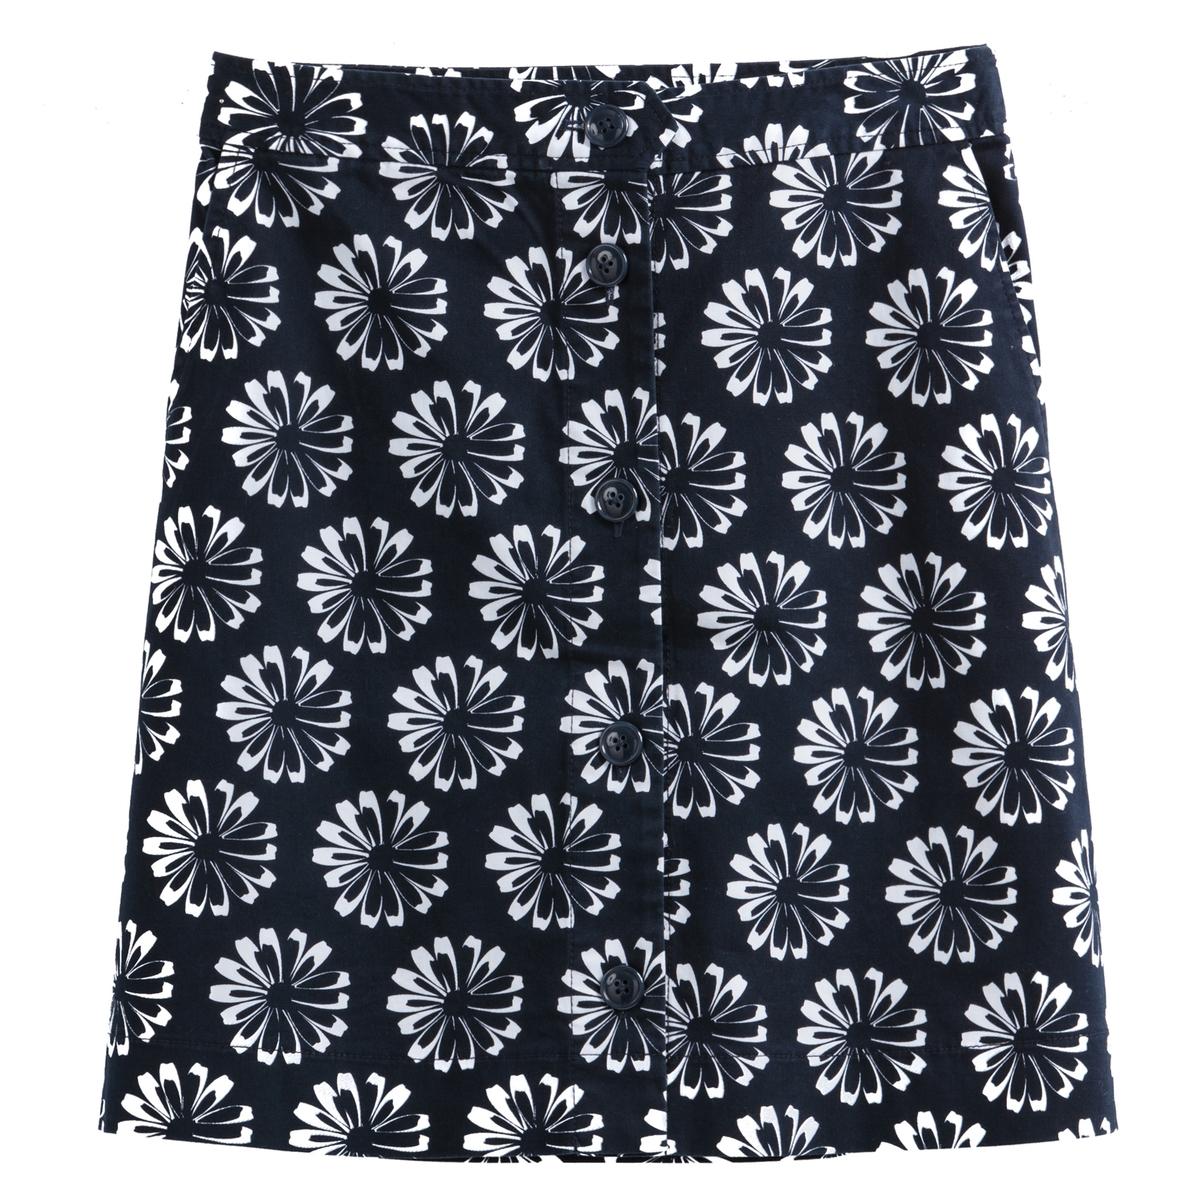 Falda corta trapezoidal, con estampado de margaritas